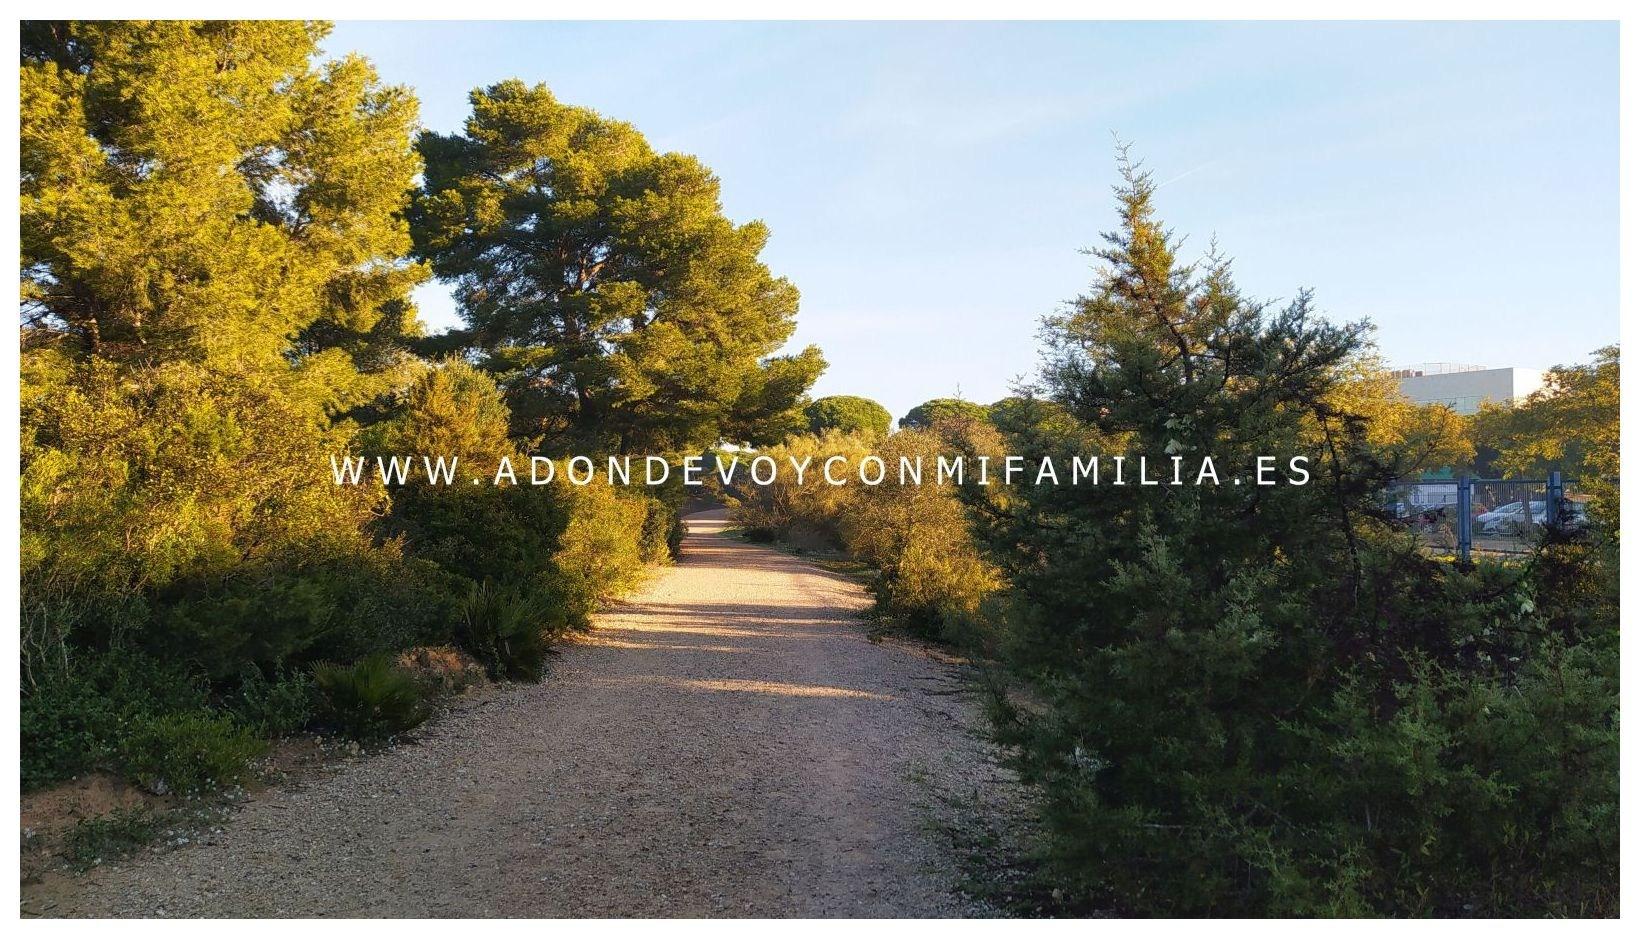 sendero-pinar-de-la-algaida-Adondevoyconmifamilia-08